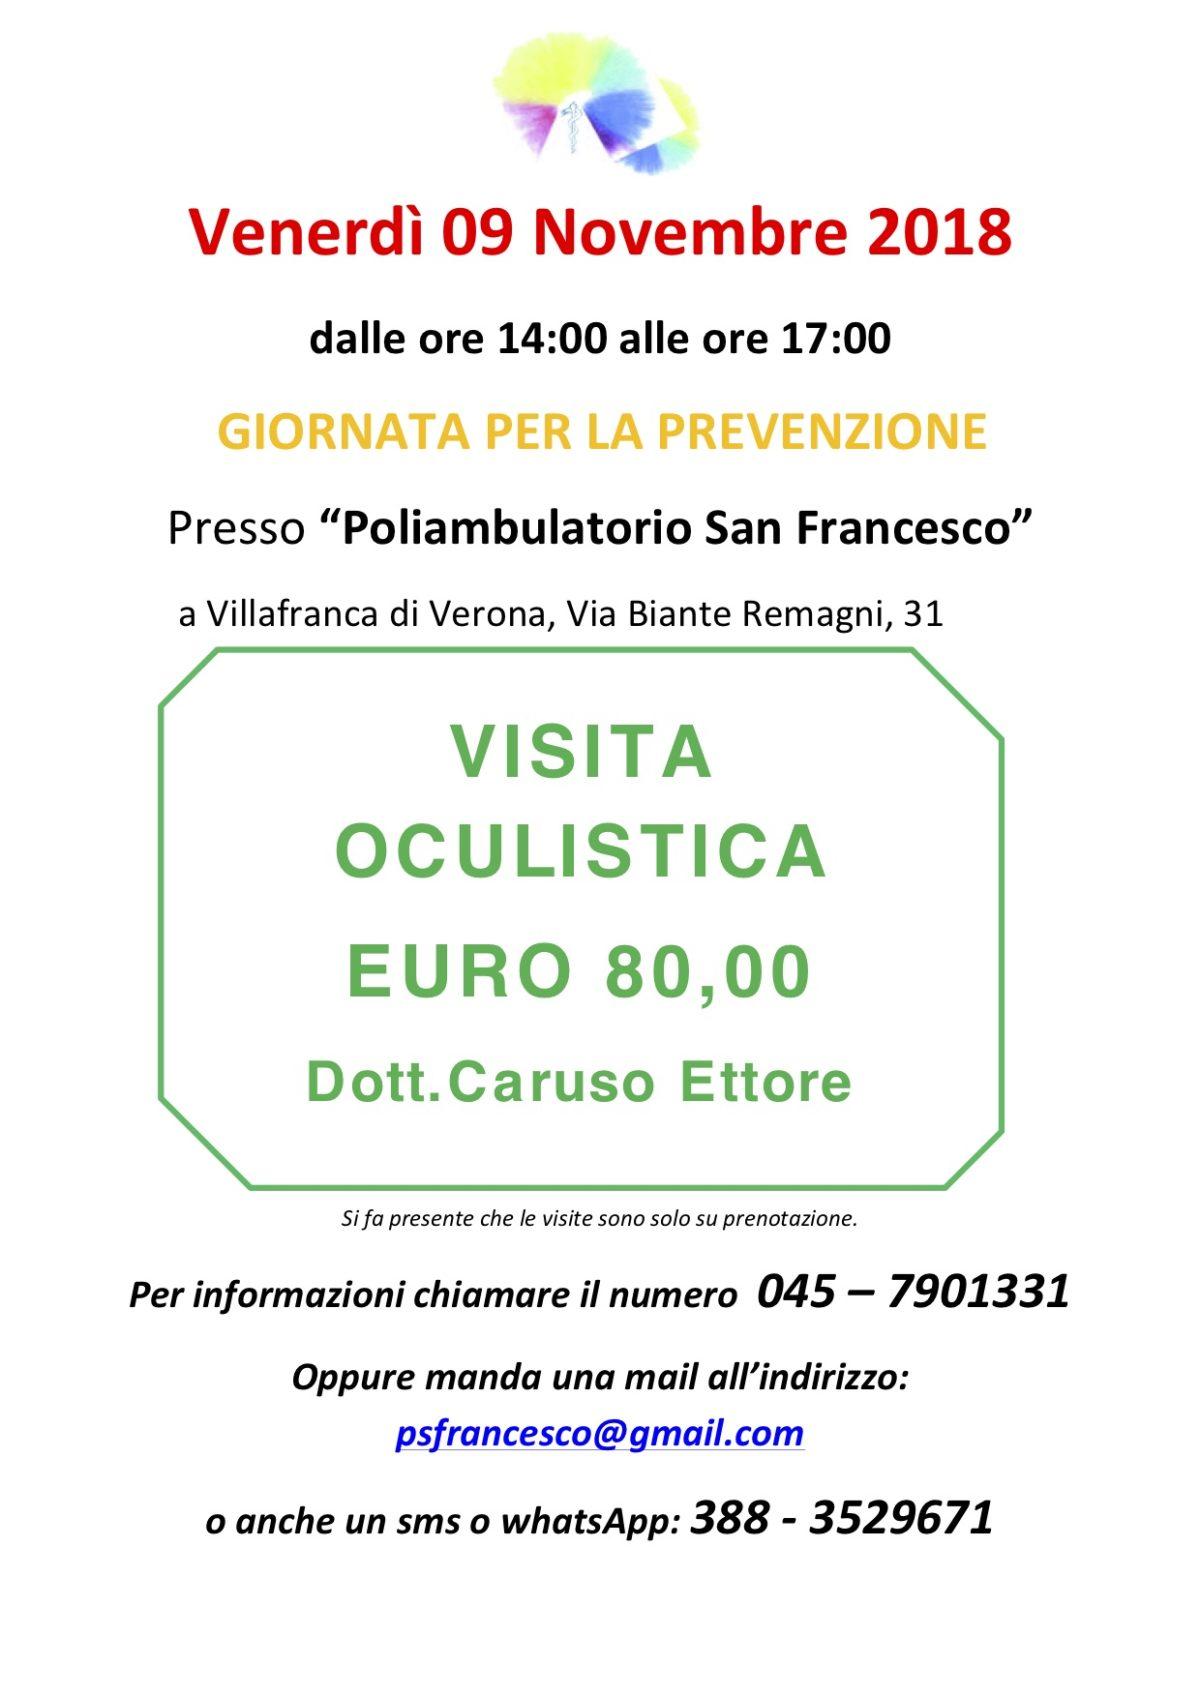 Venerdì-09-Novembre-2018-GIORNATA-PER-LA-PREVENZIONE-1200x1696.jpg